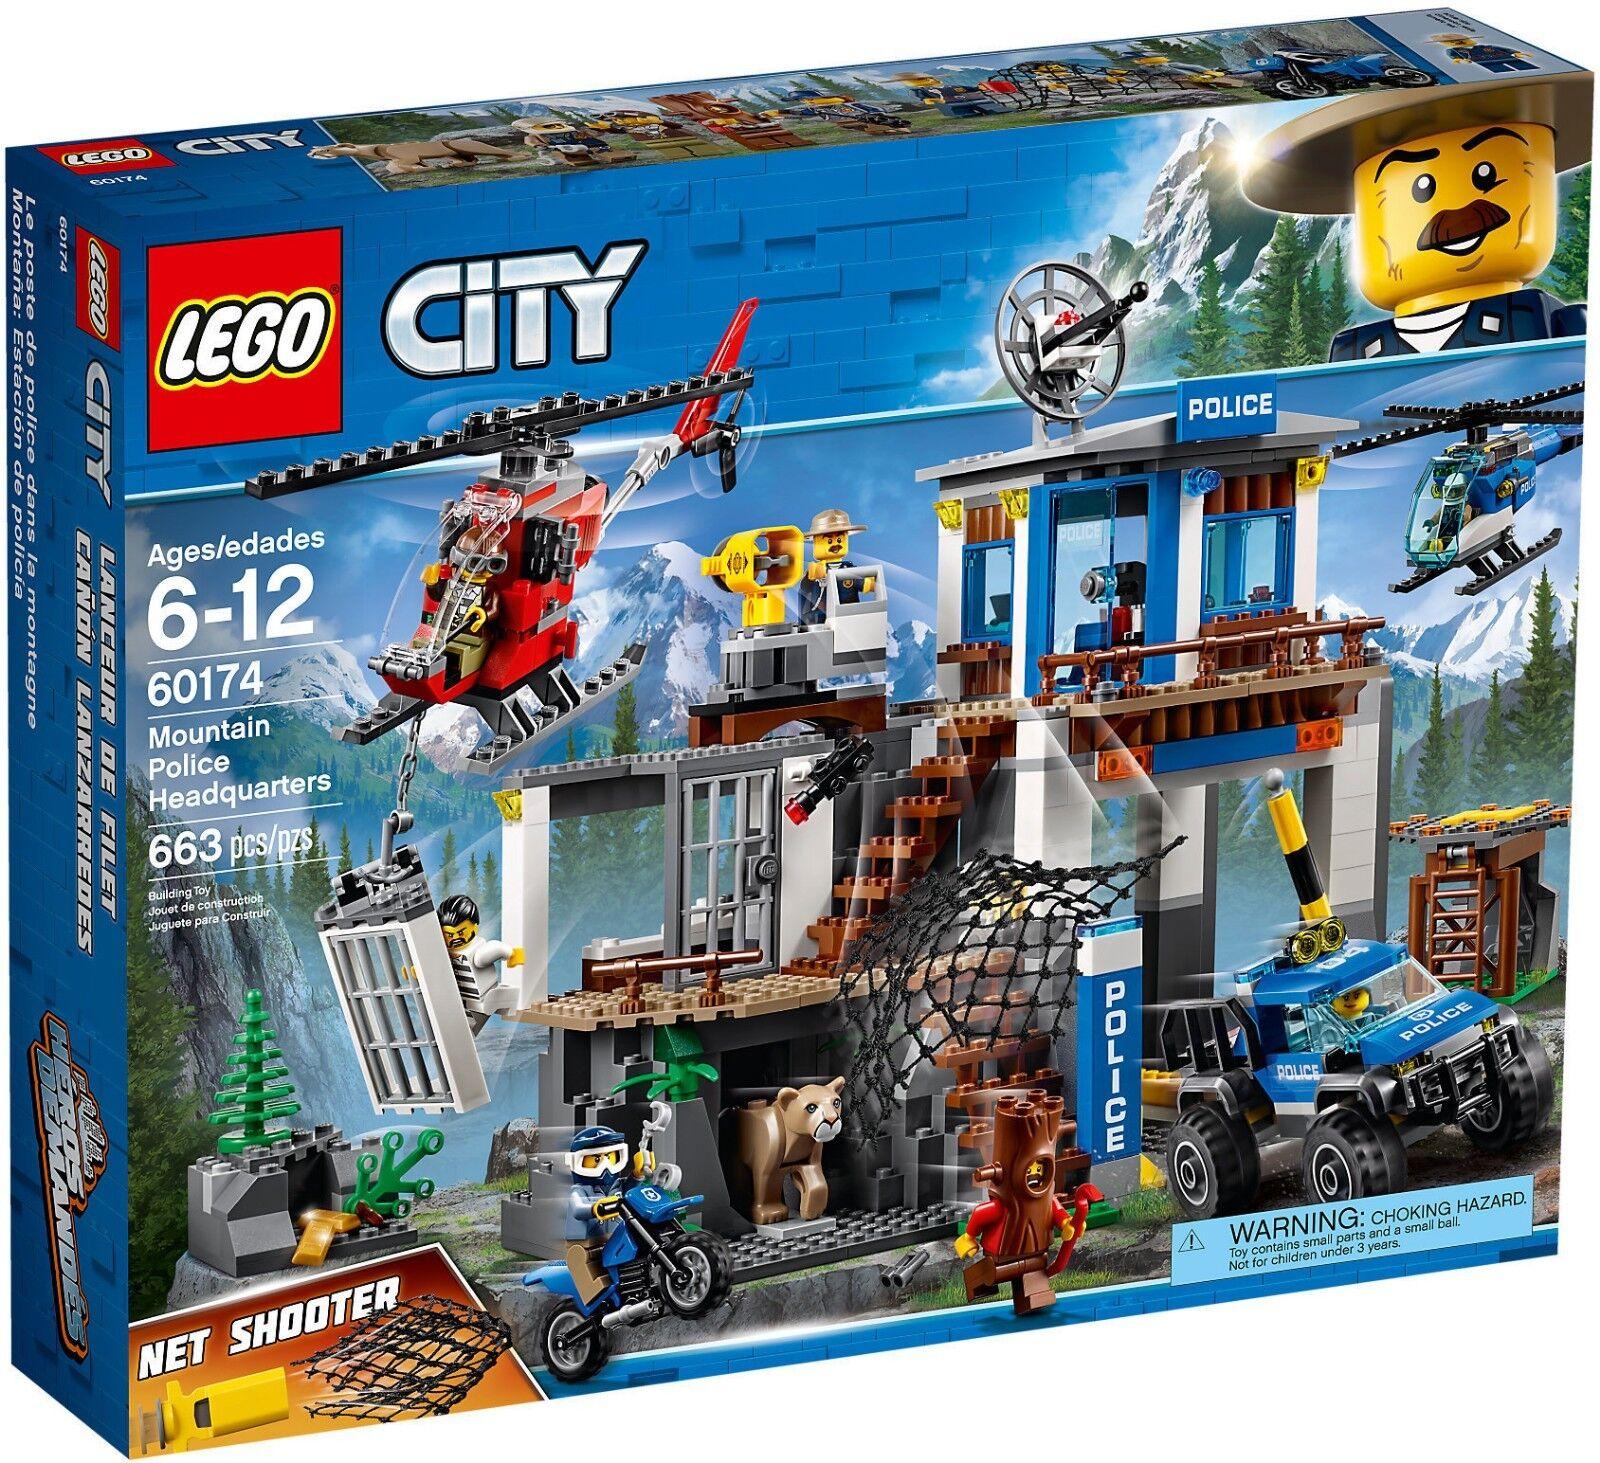 LEGO 60174 Quartier generale della polizia di montagna - CITY 6-12 Pz 663